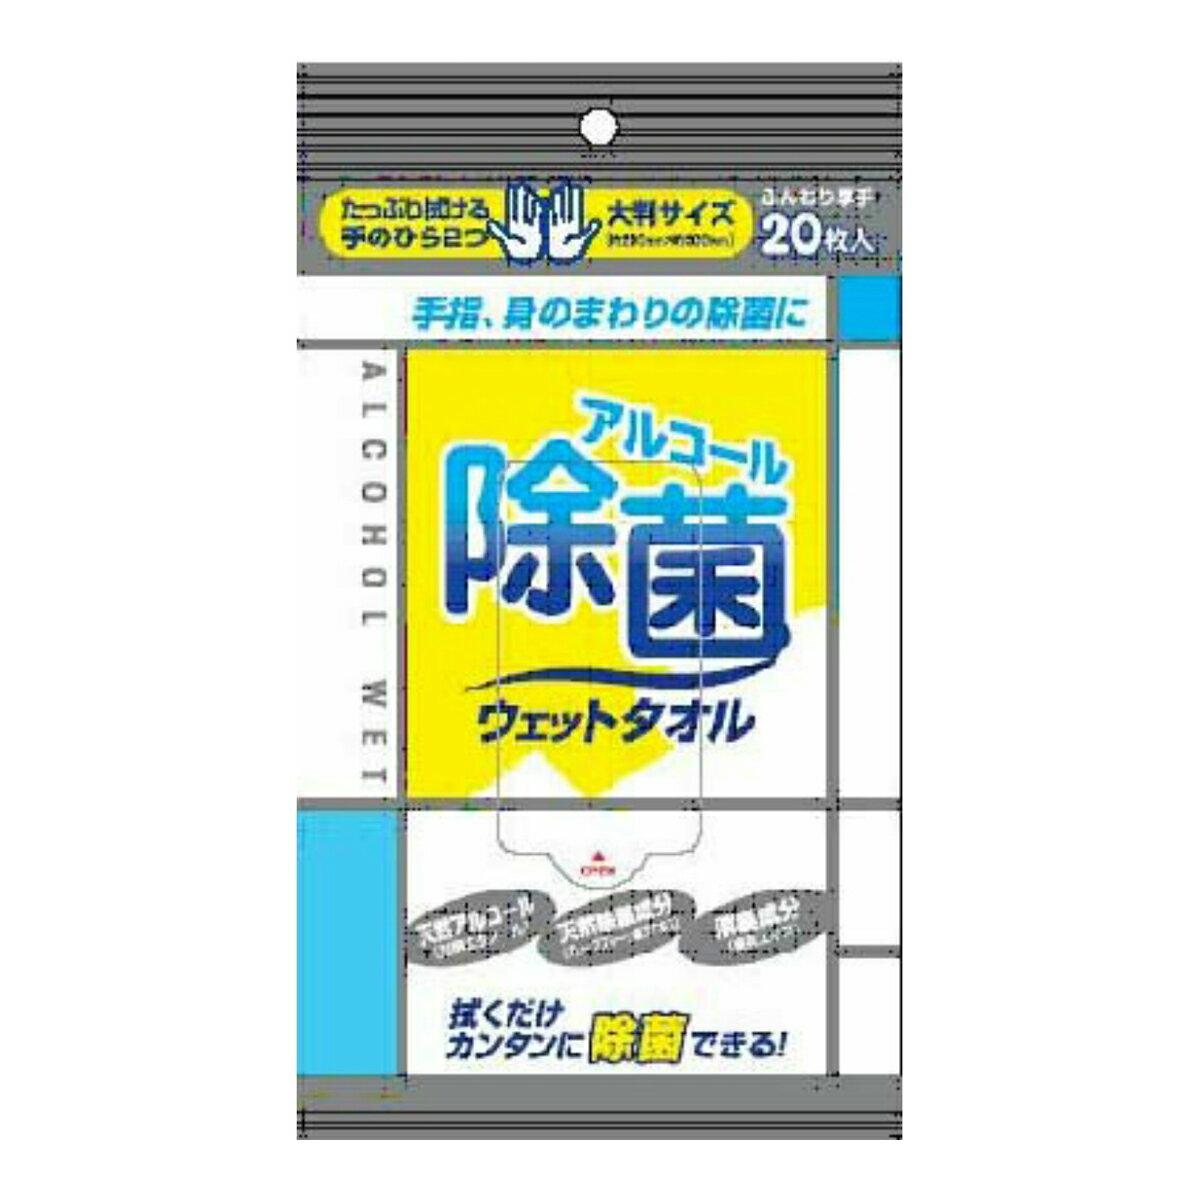 【108個で送料無料】服部製紙 アルコール配合 除菌 ウェットティッシュ 20枚 ×108点セット ( 4976861002940 )